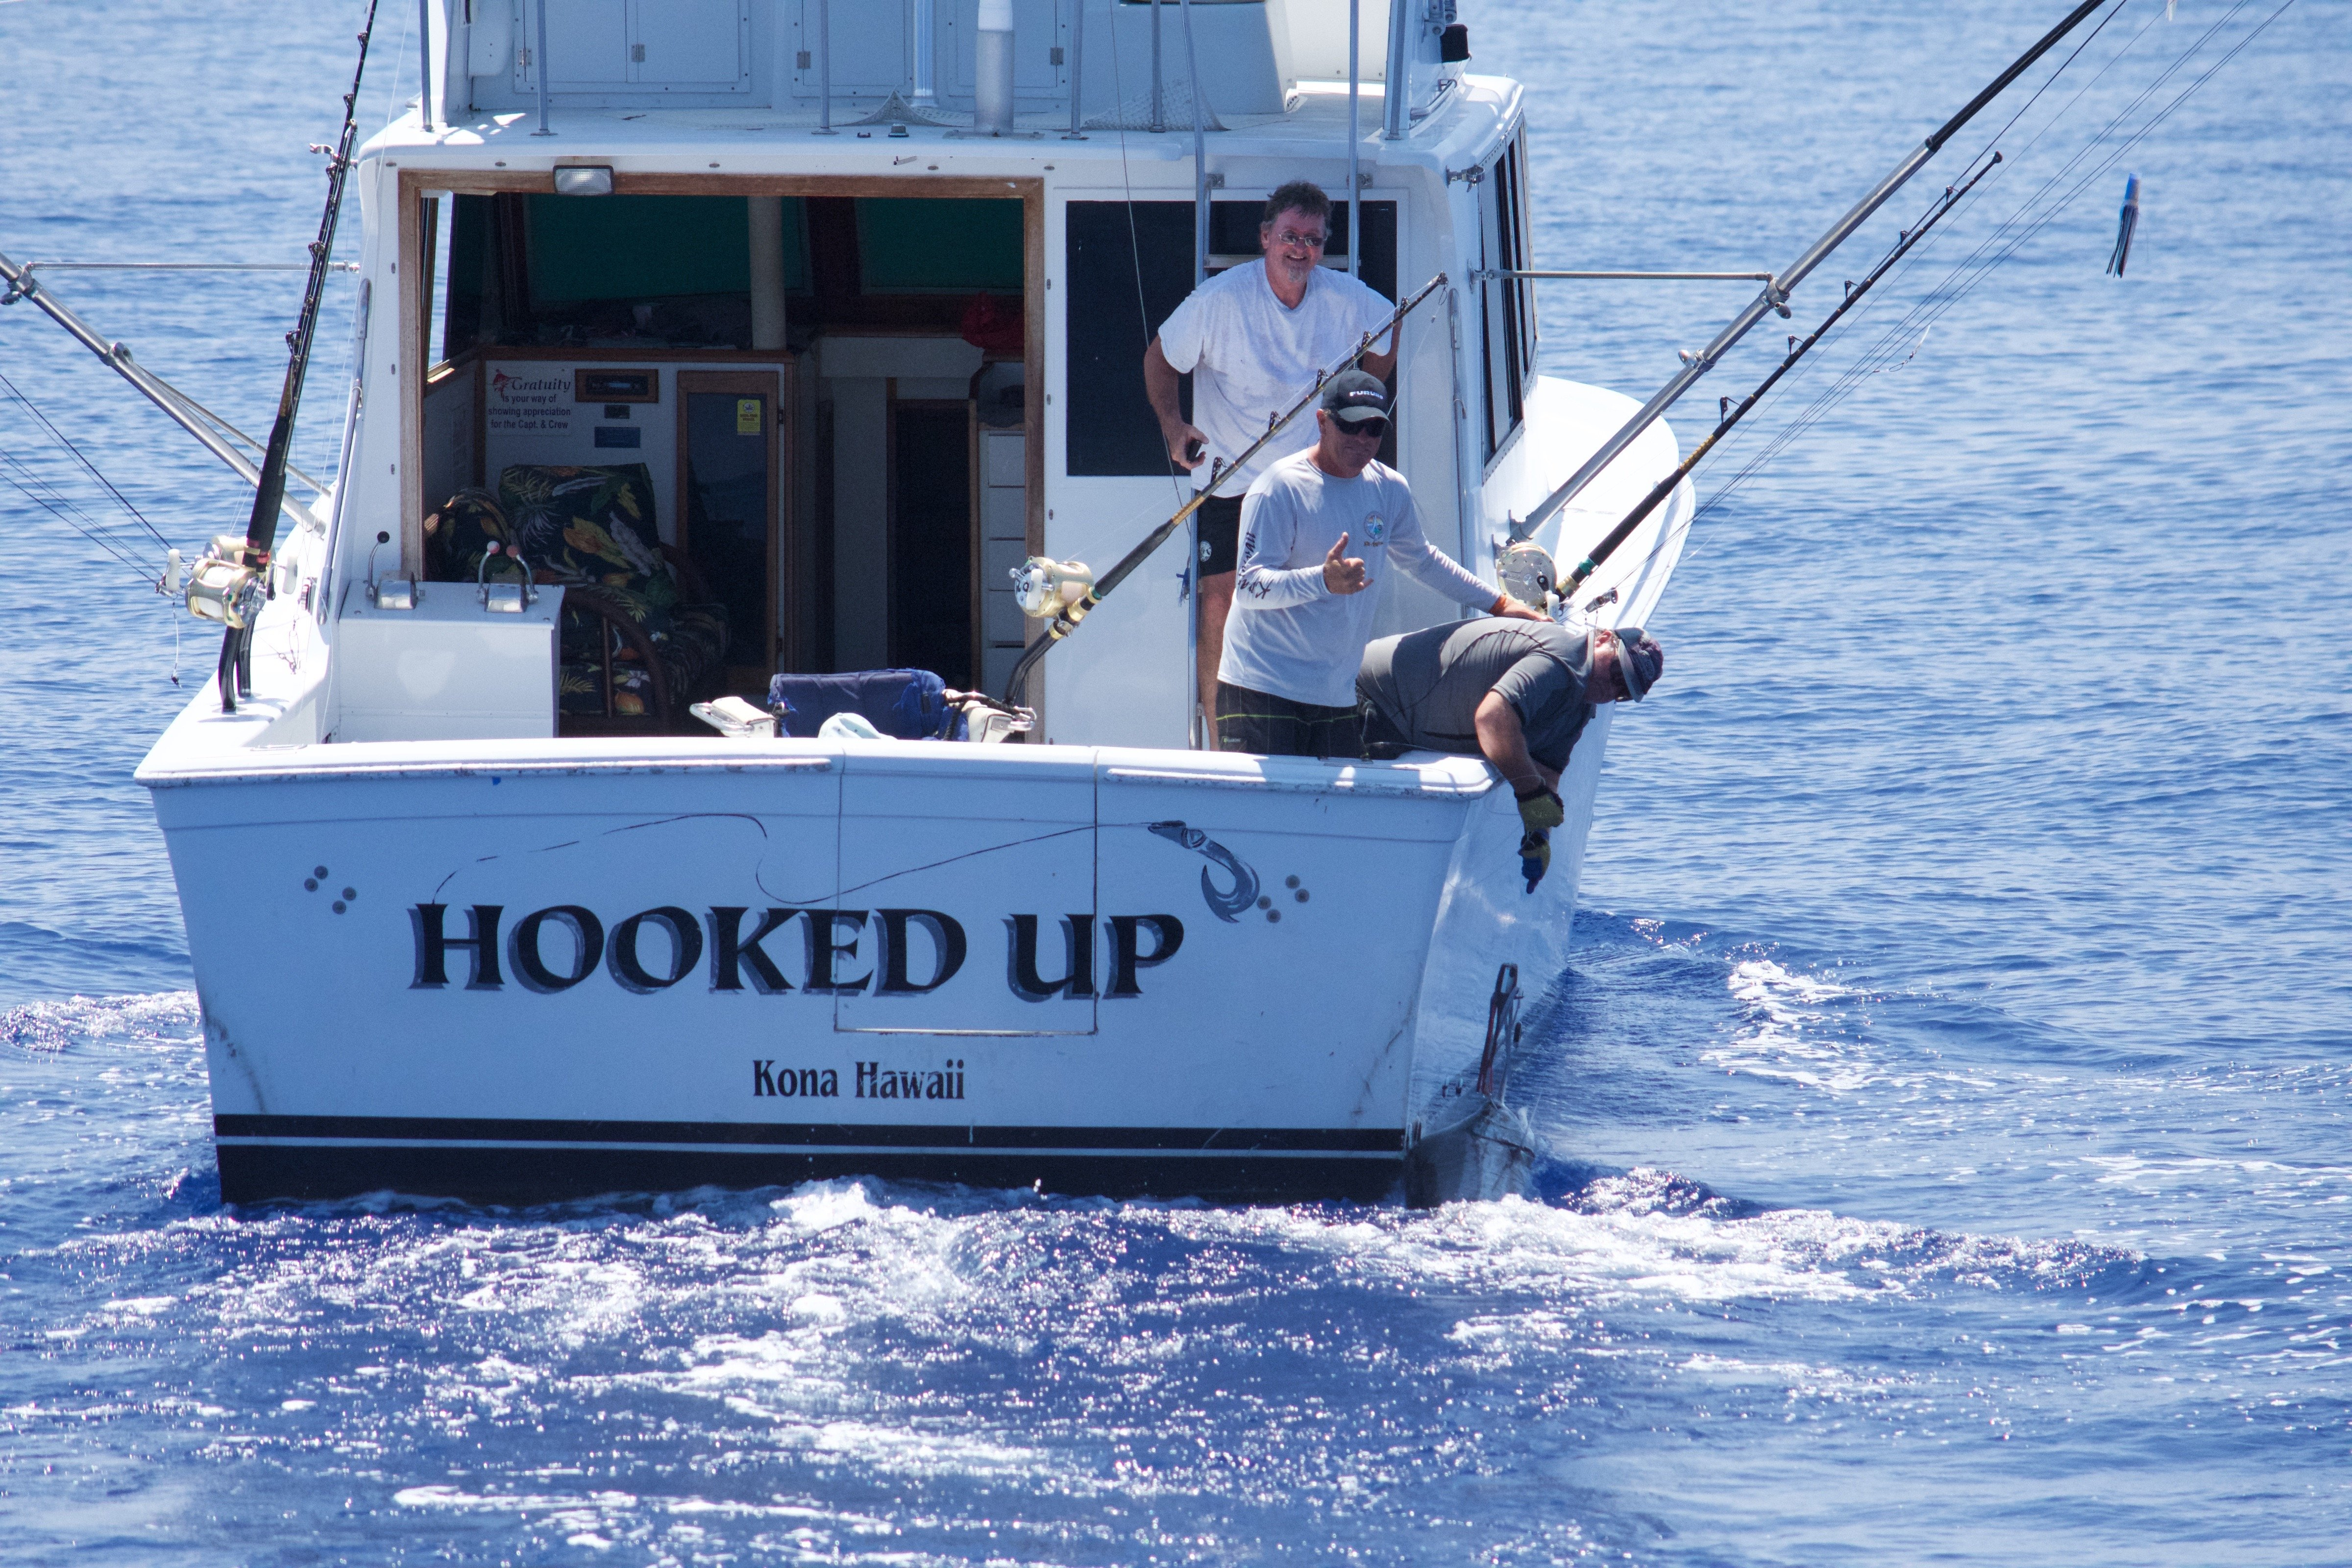 20 blue marlin fishing kona hawaii hooked up for Kona hawaii fishing